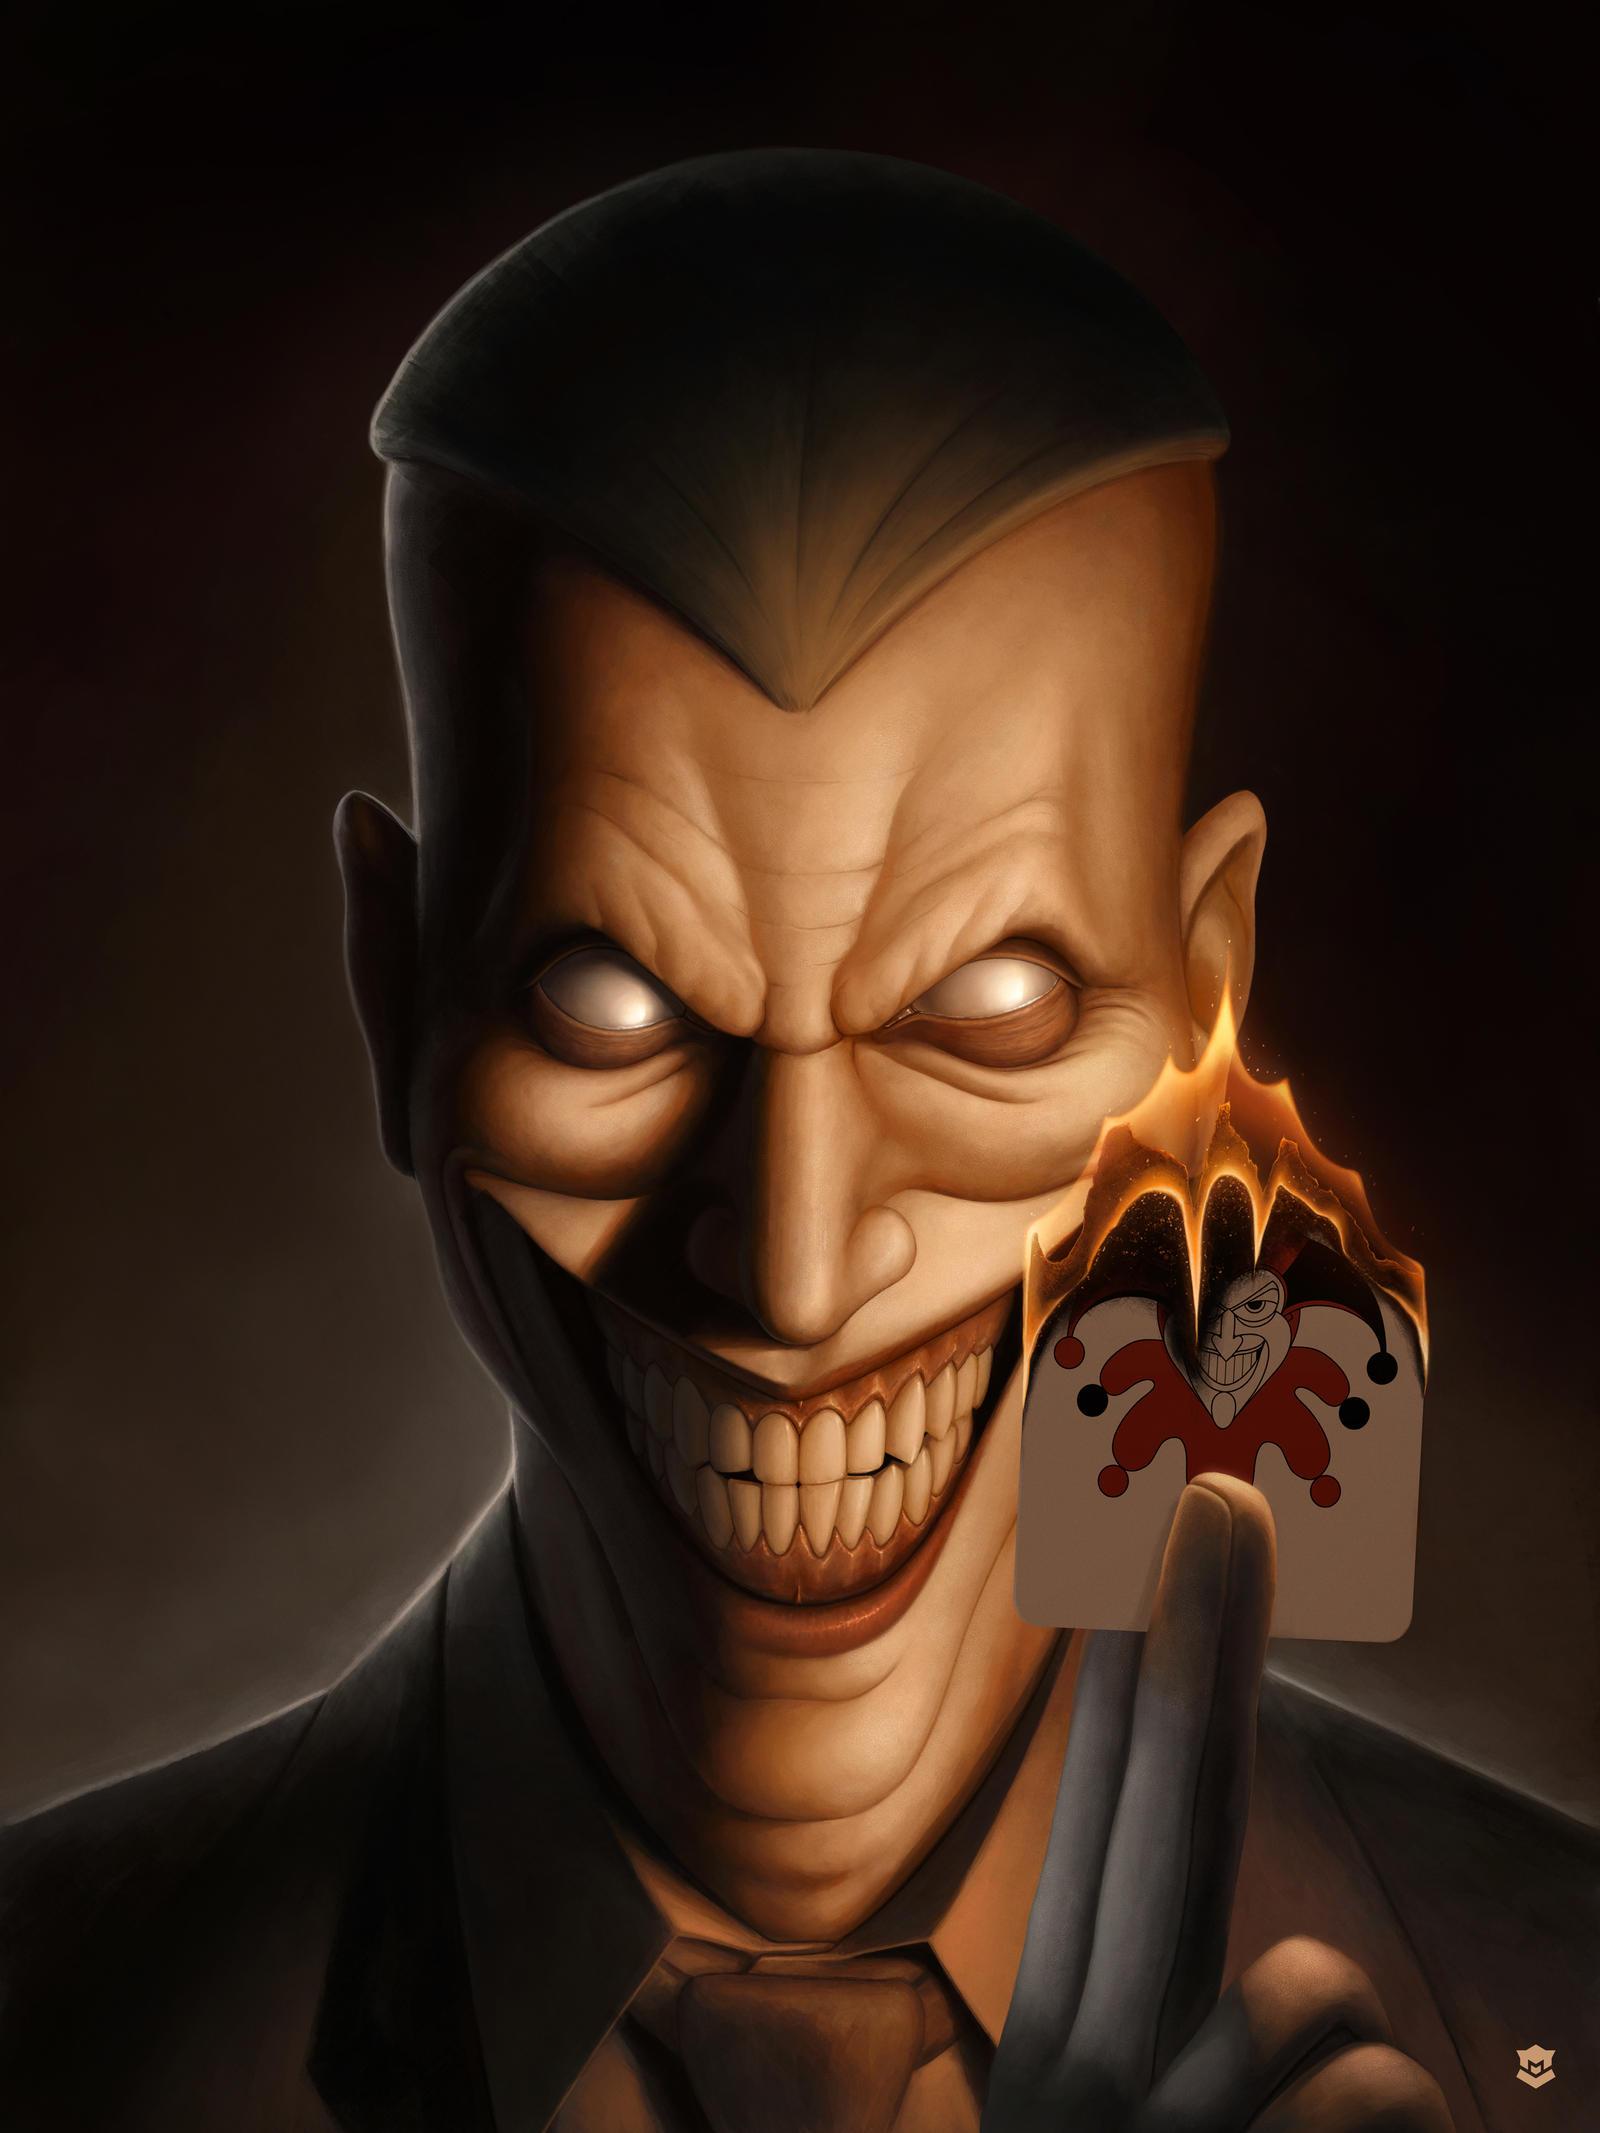 Joker: Endgame by M-Thirteen on DeviantArt